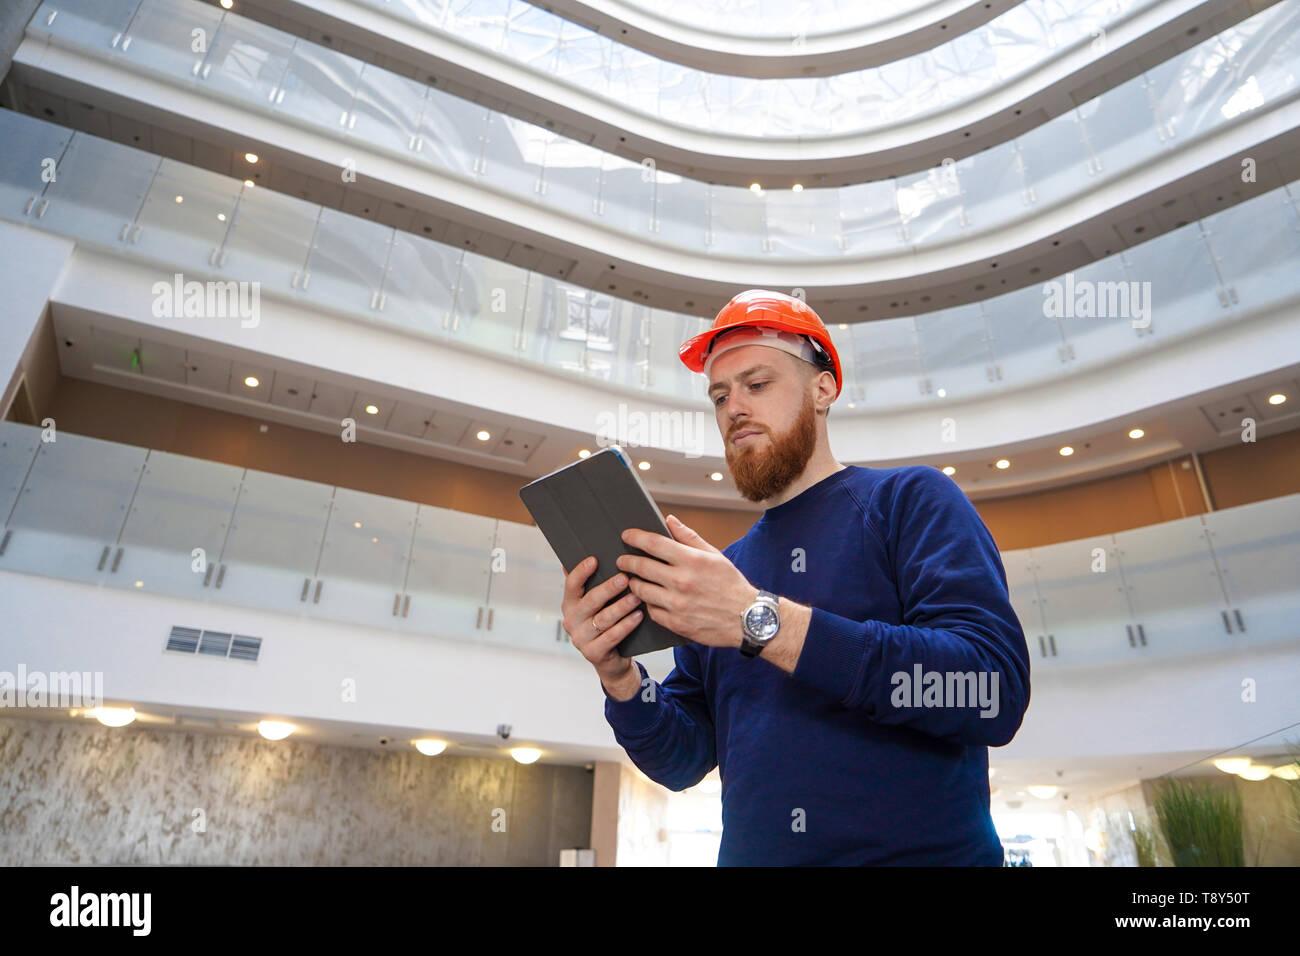 Il piano media ritratto di un uomo adulto in un casco guarda nel tablet personal computer, orizzontale, lo spazio per la firma libera Immagini Stock